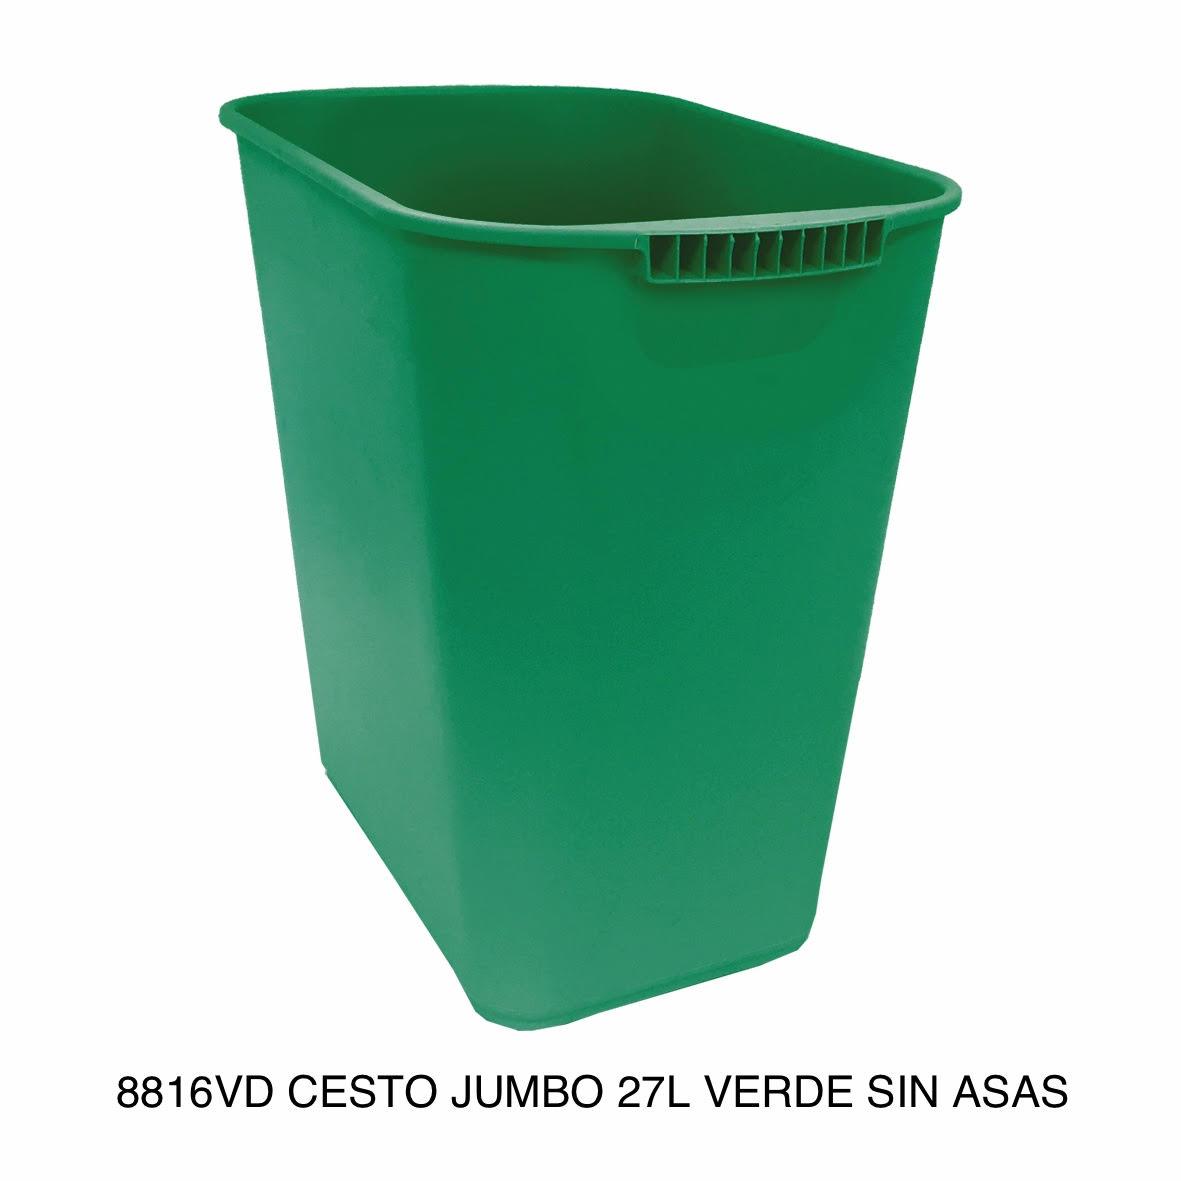 Bote de basura jumbo modelo 8816VD color verde sin asas de Sablón